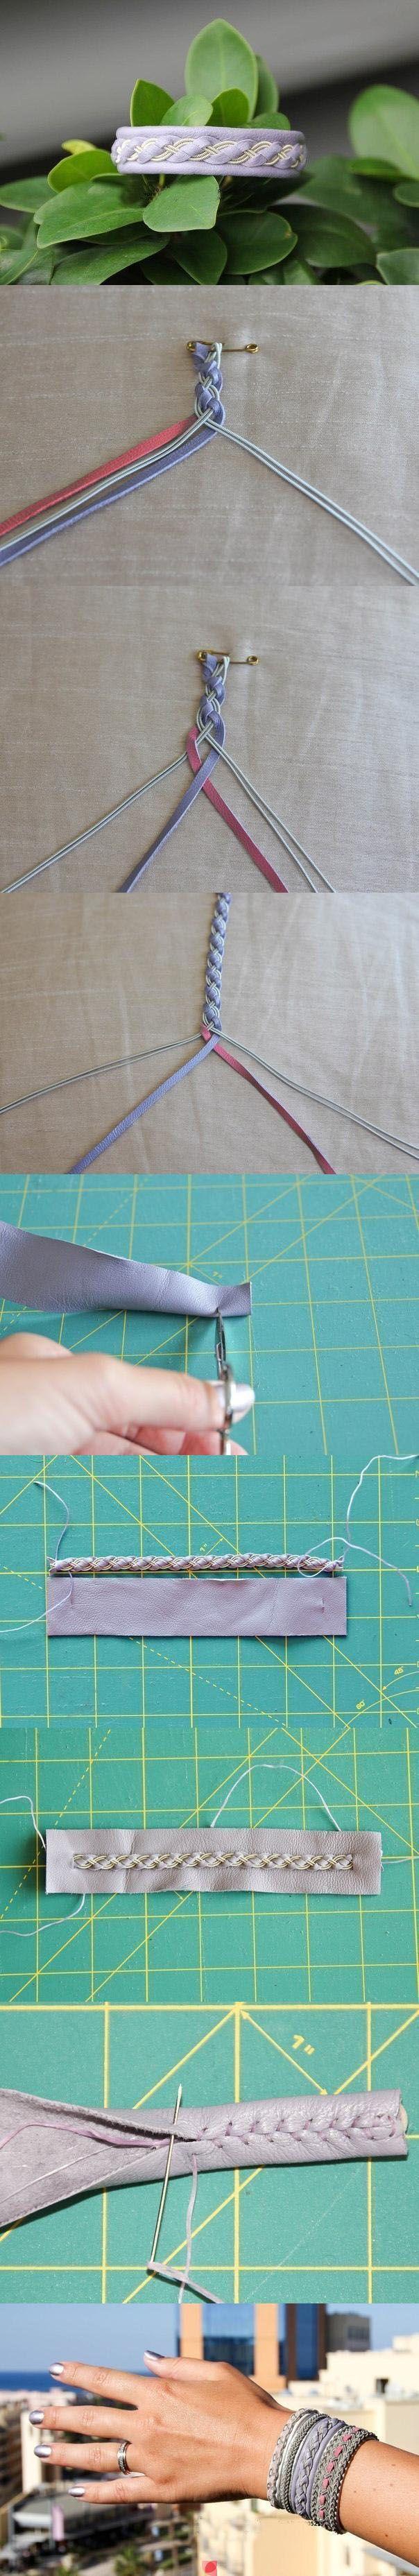 Geflochtenes Armband mit Leder und Bändchen